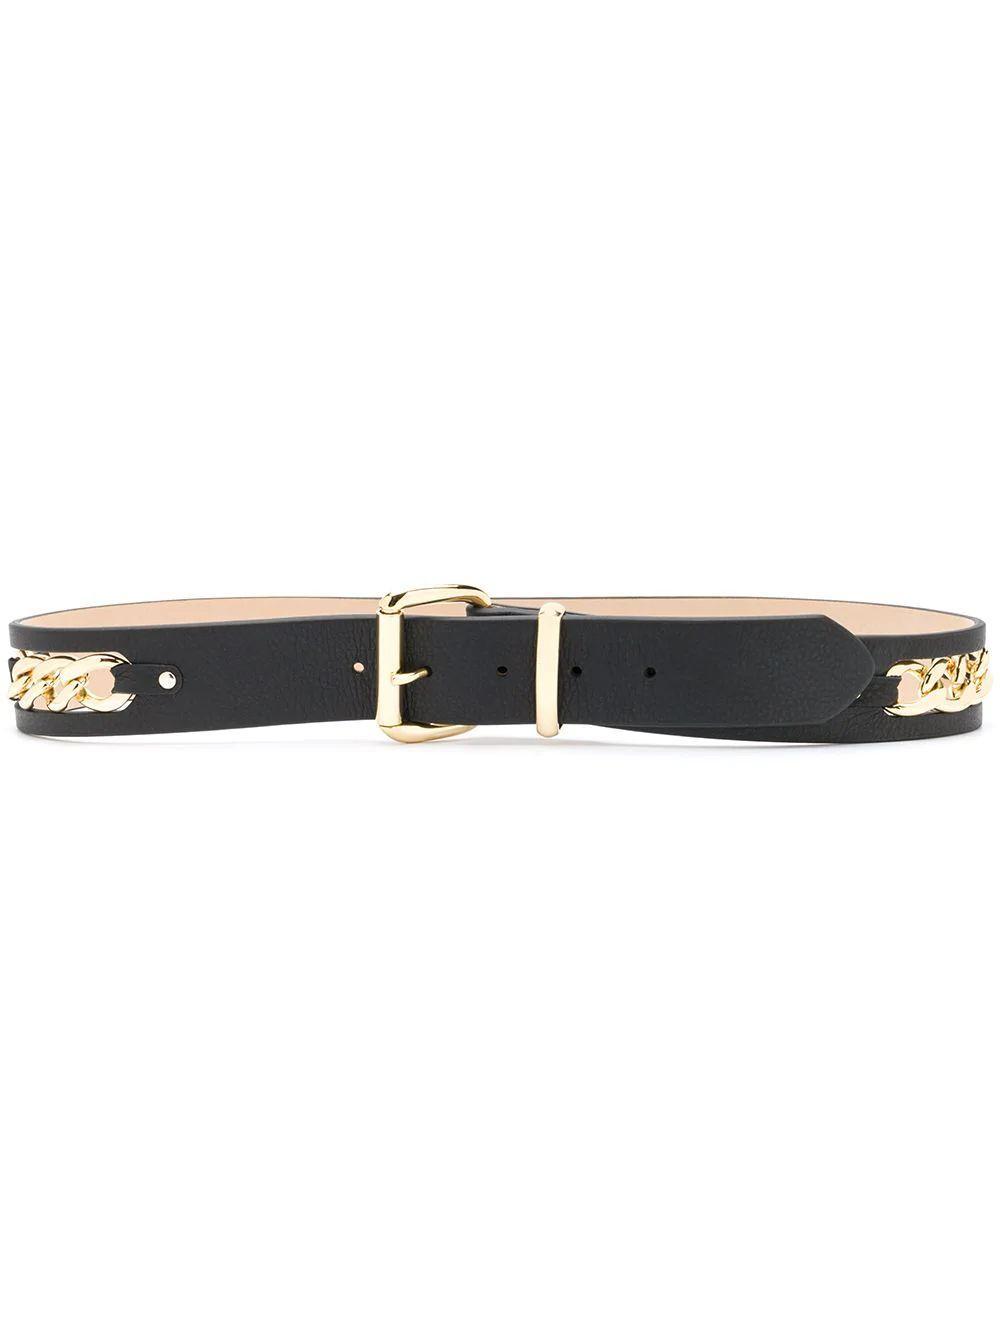 Toro Belt